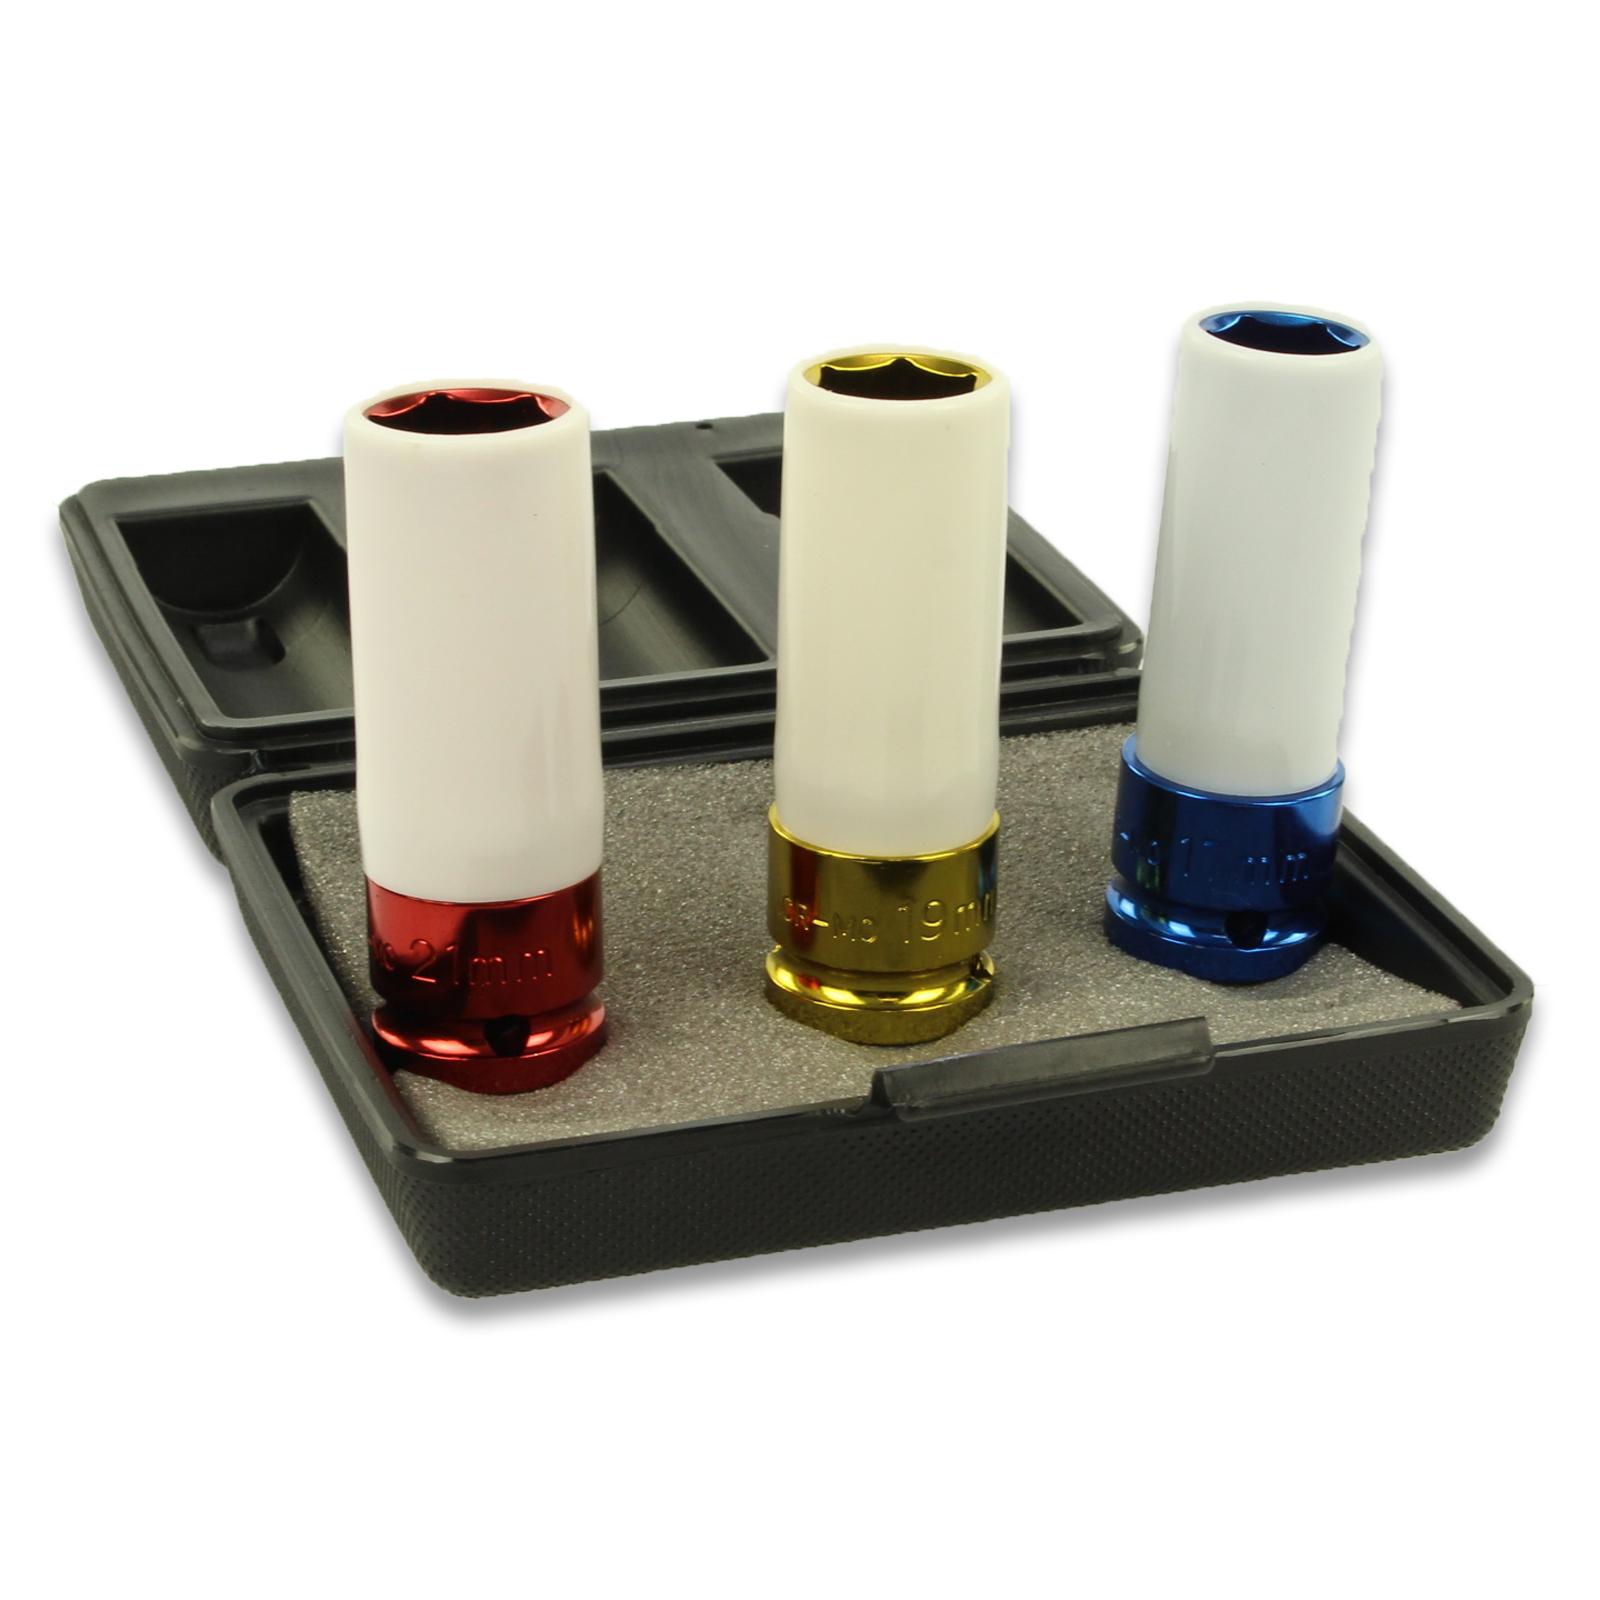 Kraft-Schoneinsatz-Satz | Antrieb Innenvierkant 12,5 mm (1/2) | SW 17 - 19 - 21 mm | 3-tlg